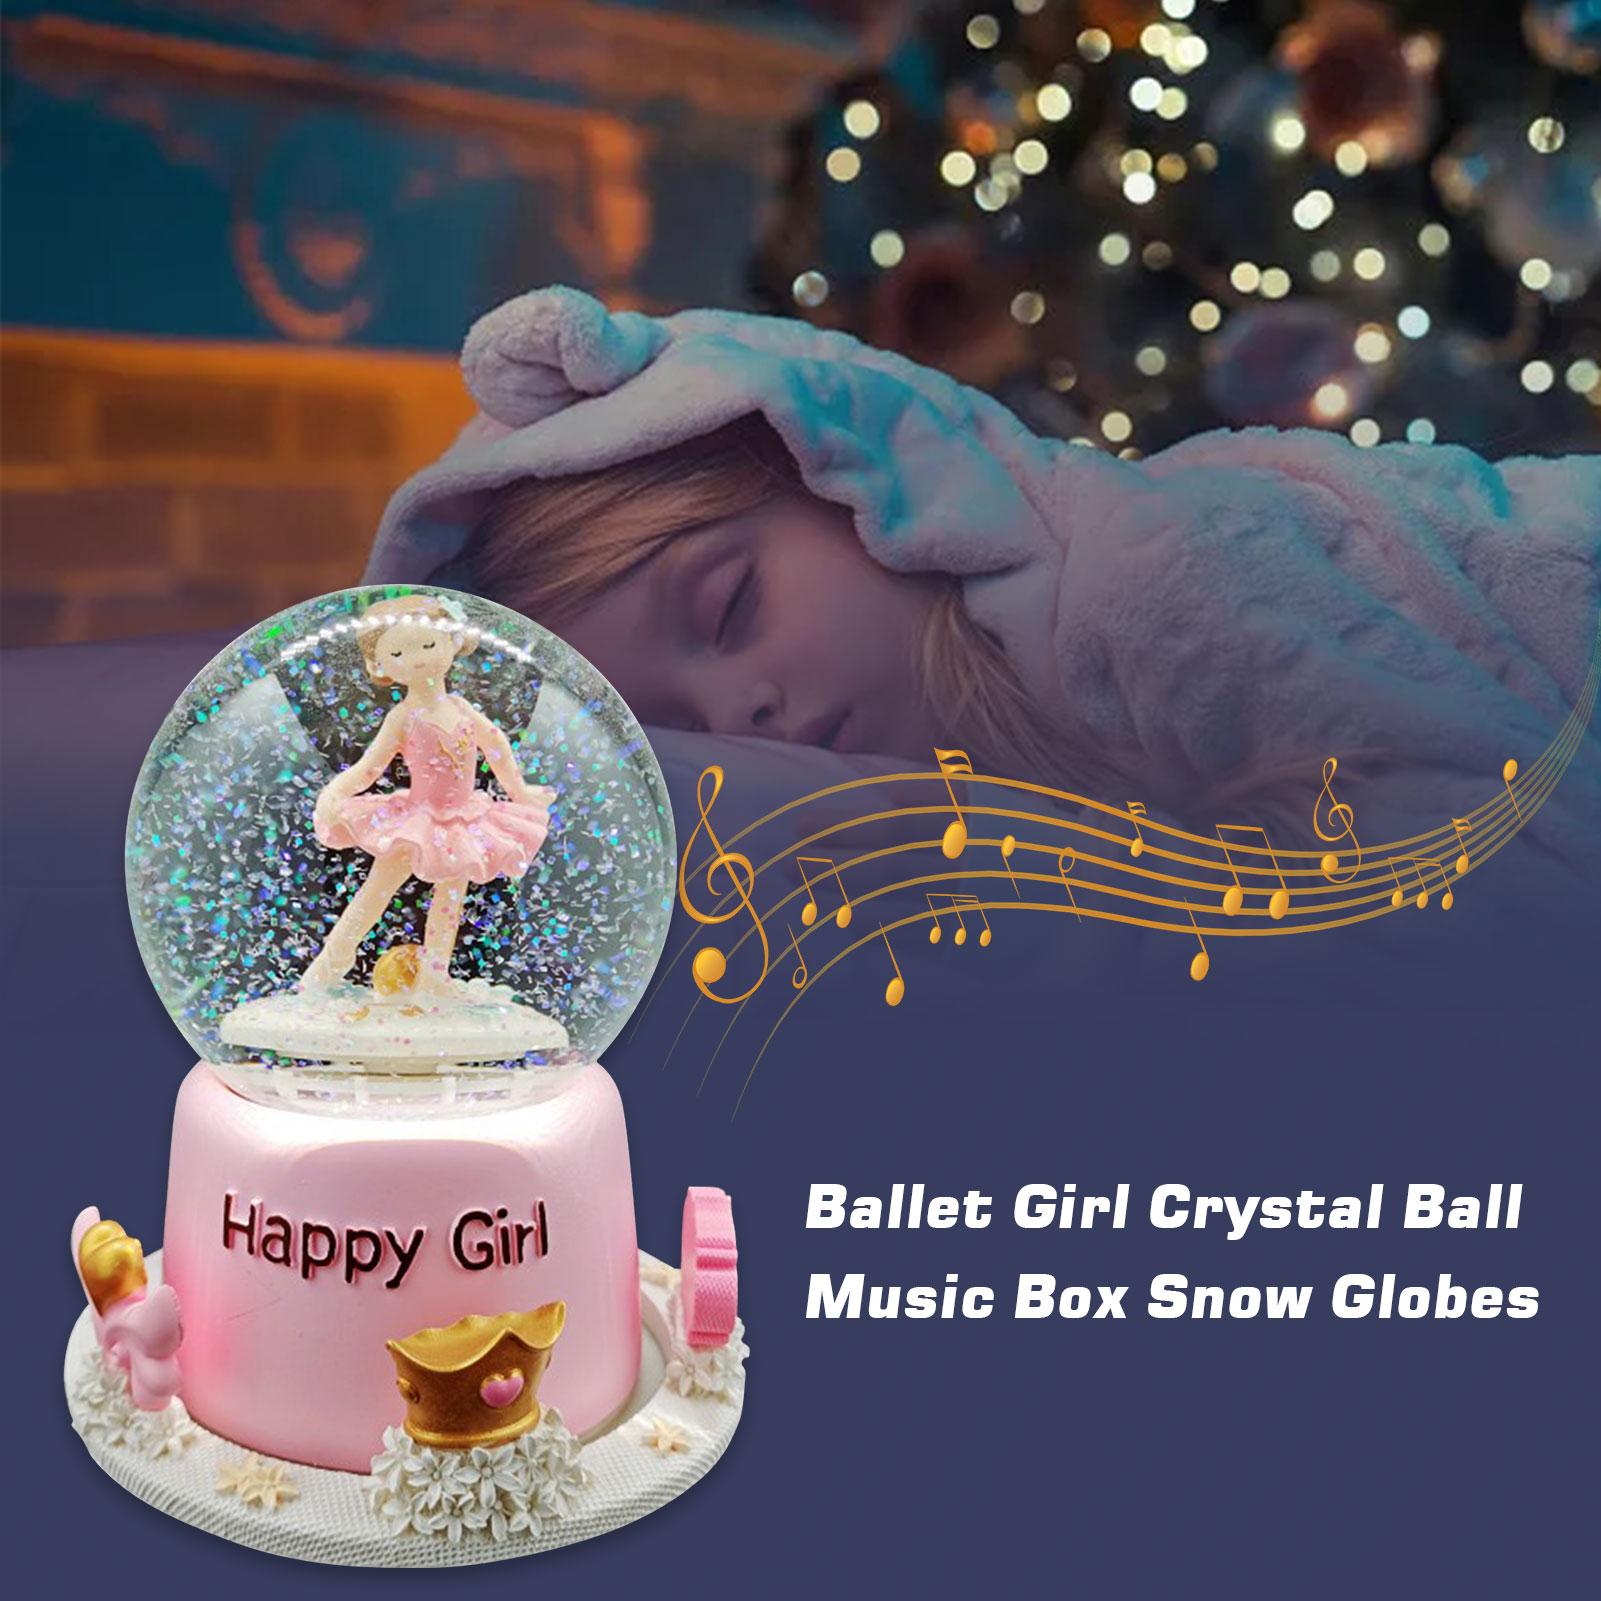 Caixa de Música Globo de Neve Bola de Cristal Presente de Aniversário para a Família Girar Rosa Bailarina Amigos Crianças 14*17cm